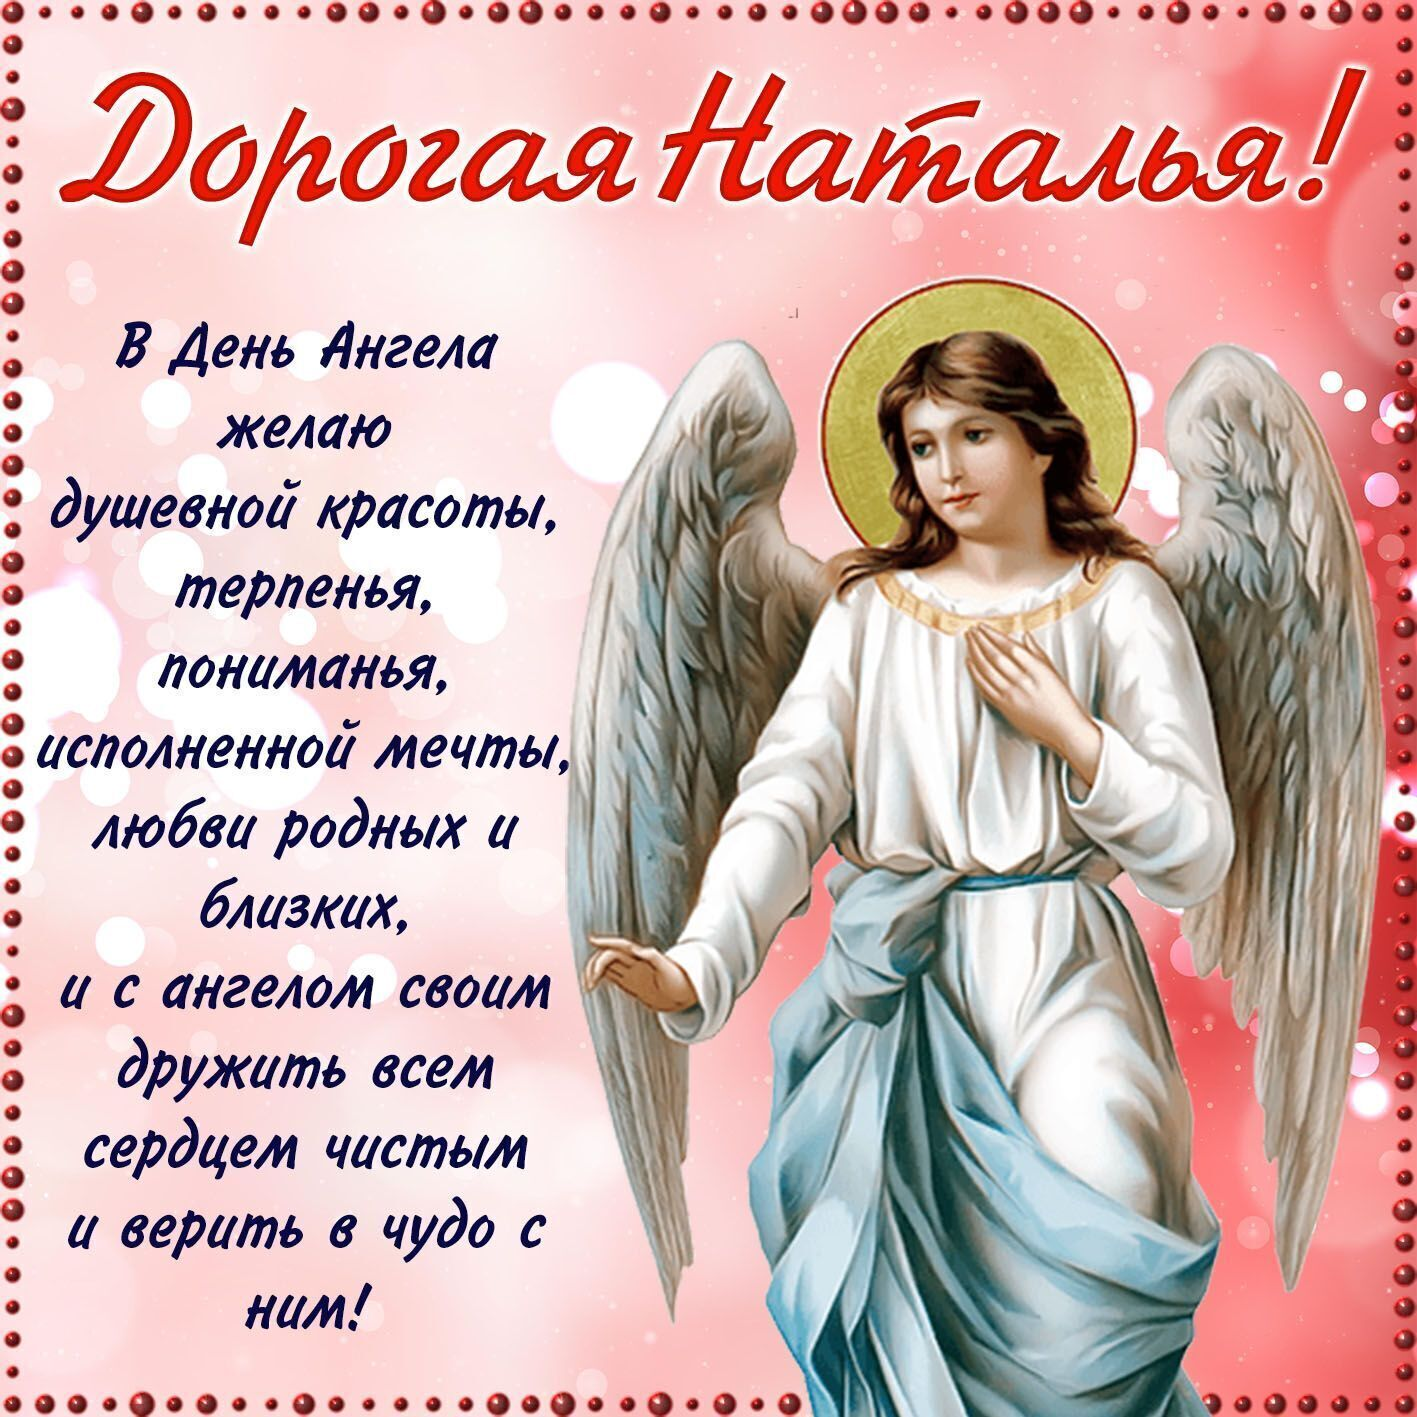 Открытка ко дню ангела Натальи